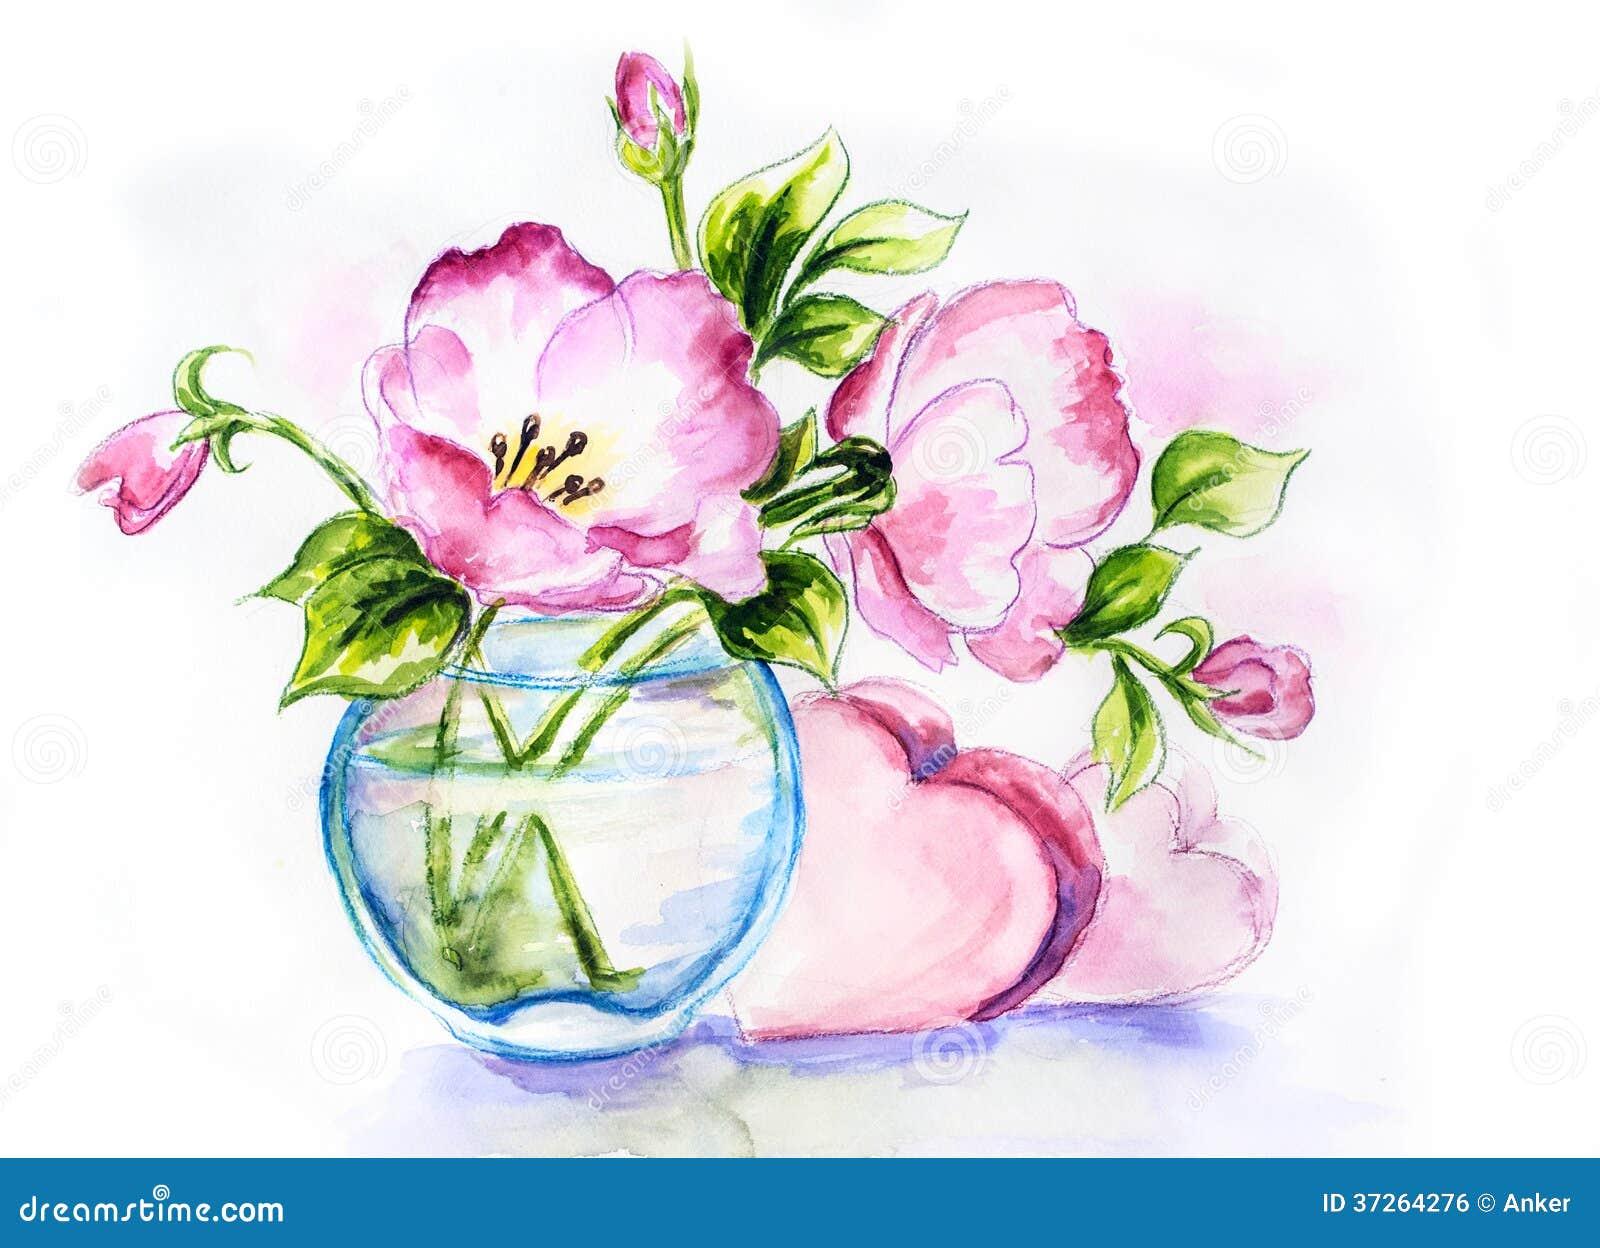 Spring flowers in vase watercolor royalty free stock for Spring flowers watercolor